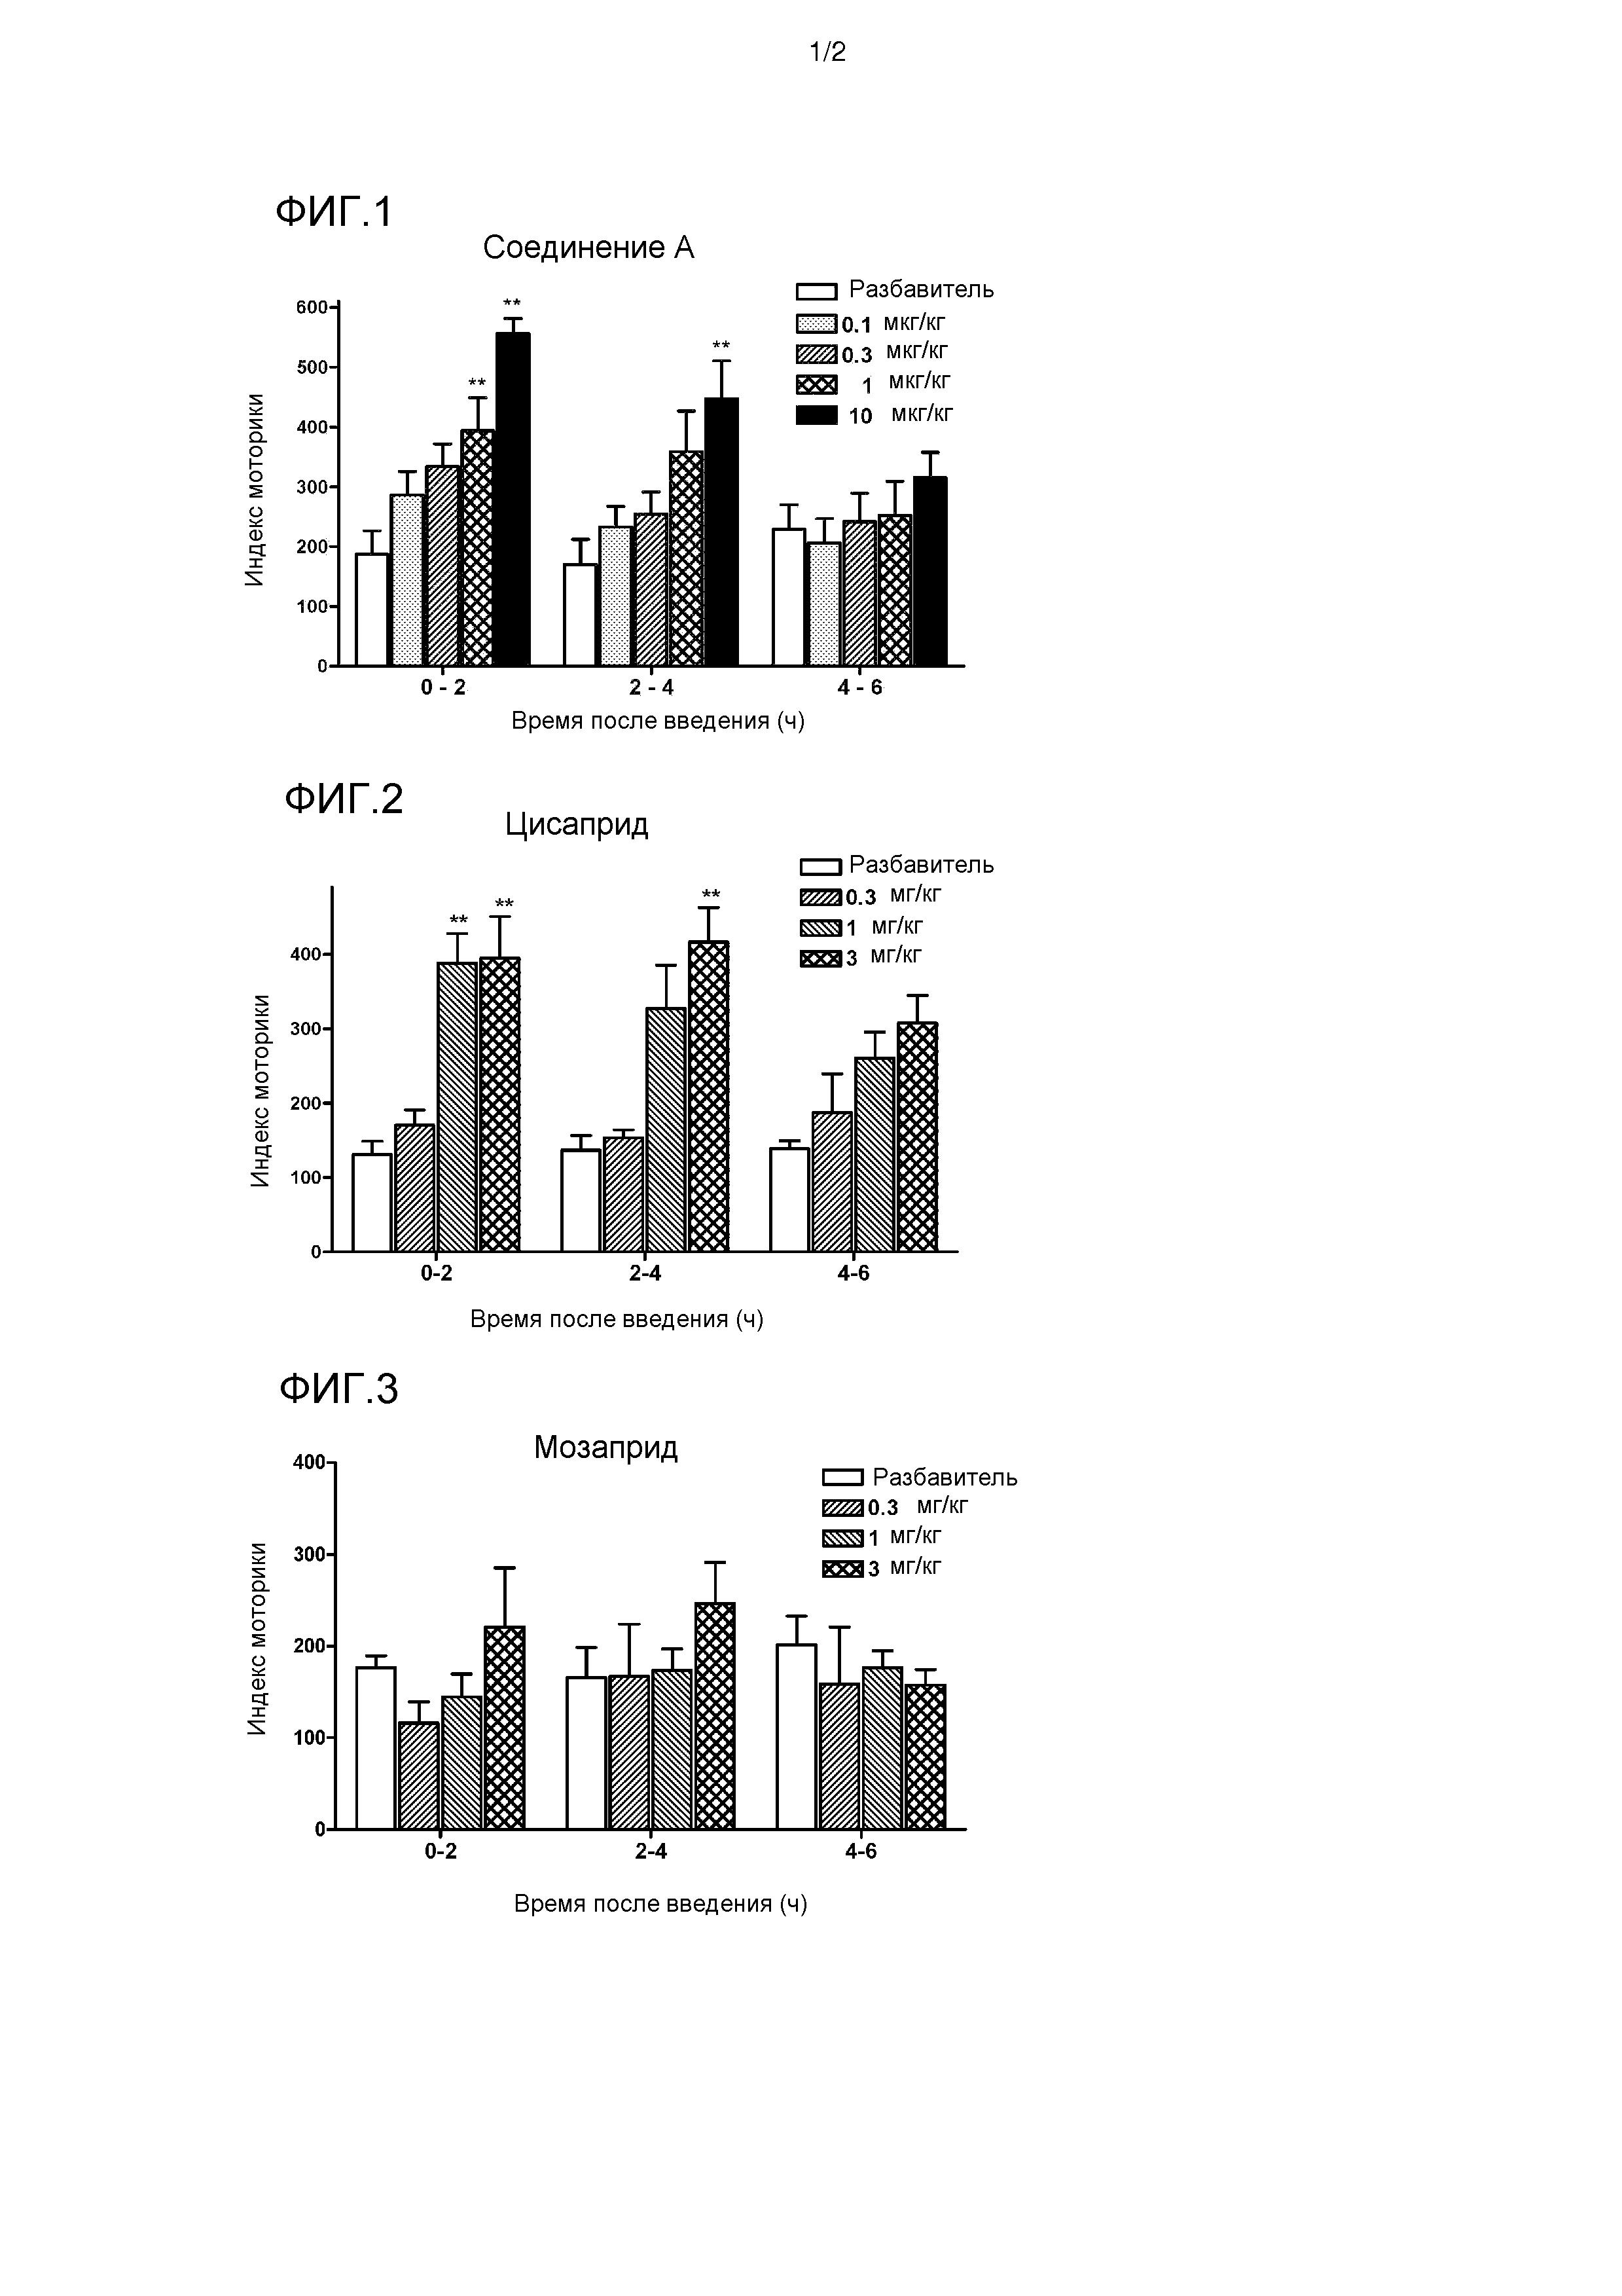 Агонист рецептора 5-нт4 в качестве прокинетического агента